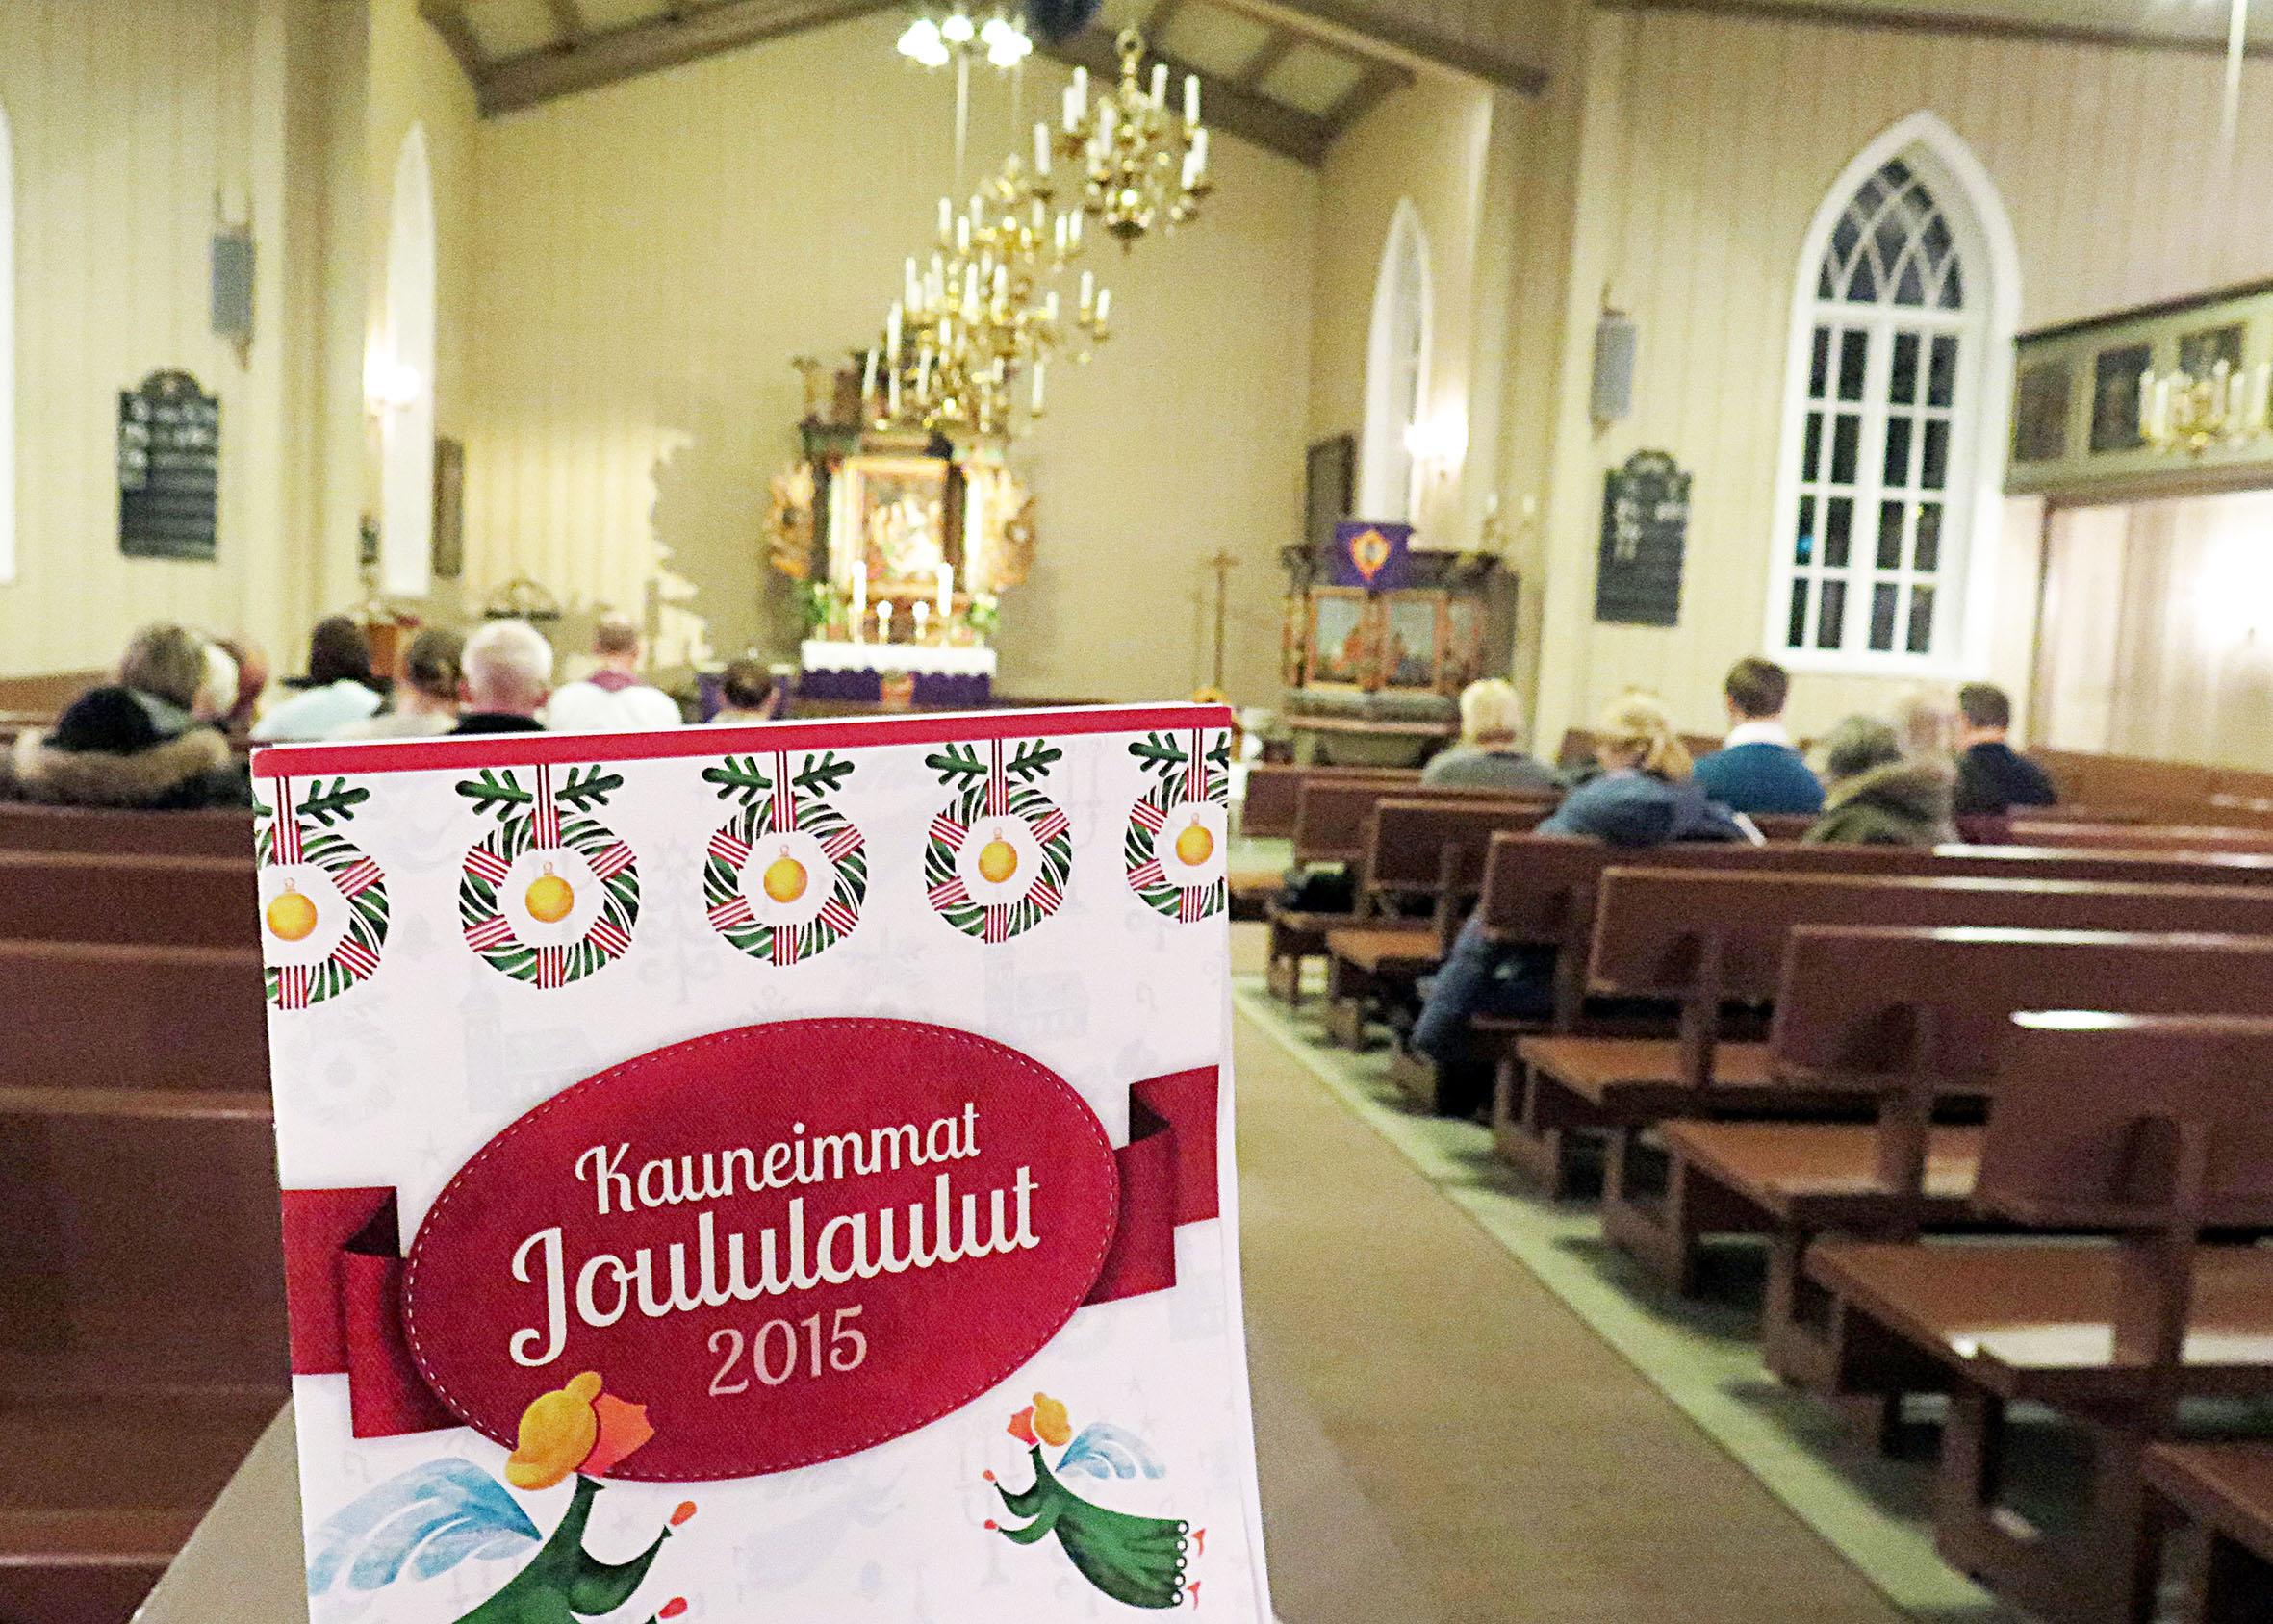 Norjan uskonnolliset yhteisöt samalle linjalle